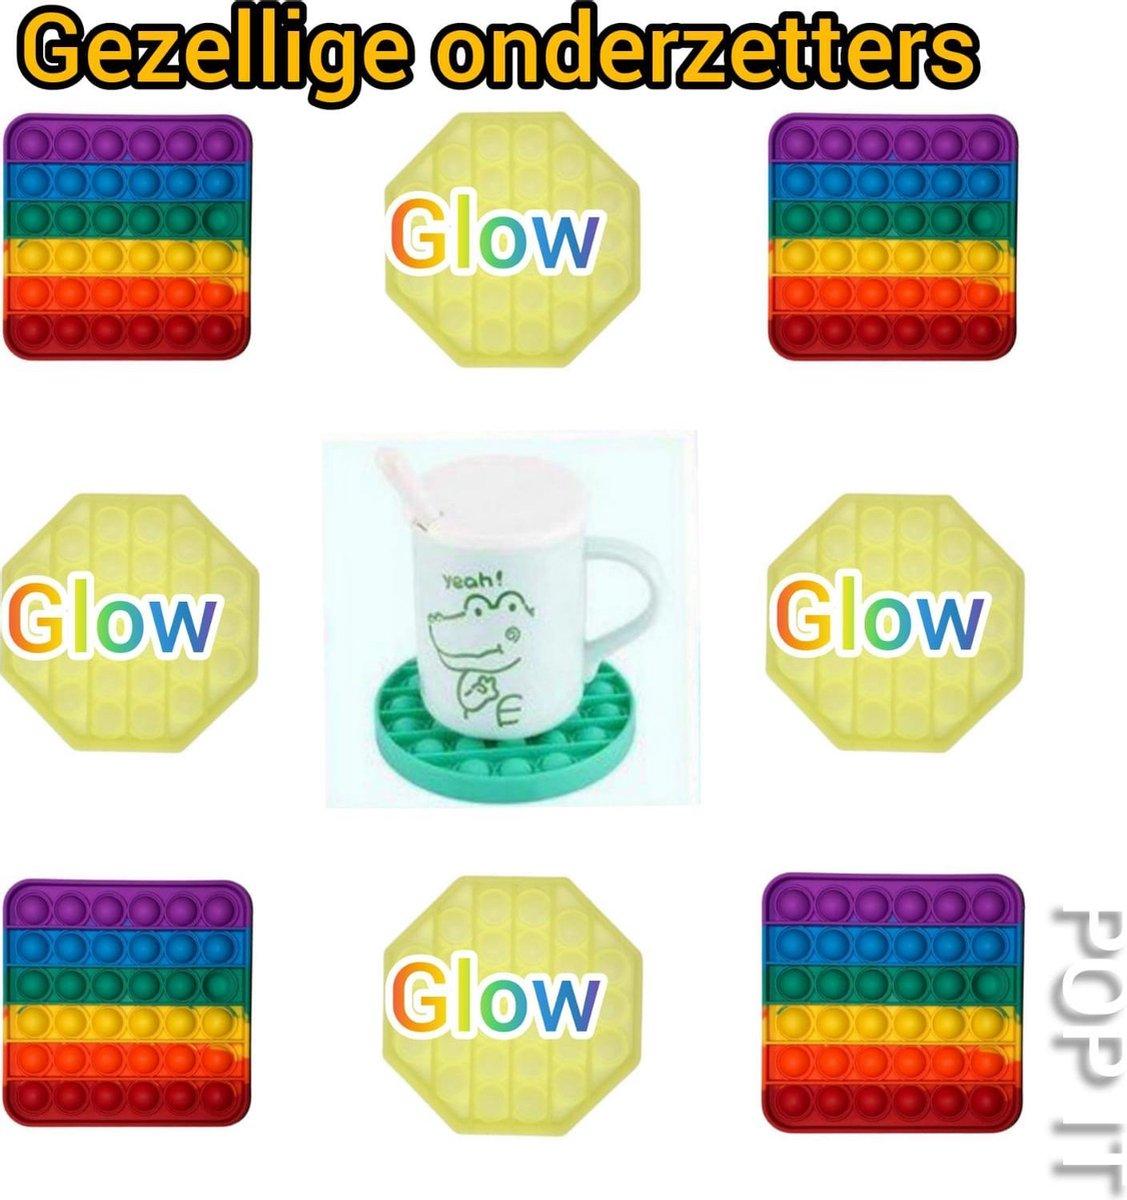 Fidget toys | Pop it pakket van 8 stuks | 4x Glow in the dark + 4x Vierkant | Meisjes jongens volwassenen _ Anti stress 2021 _ Verjaardag cadeautip _ Leuk voor zwembad